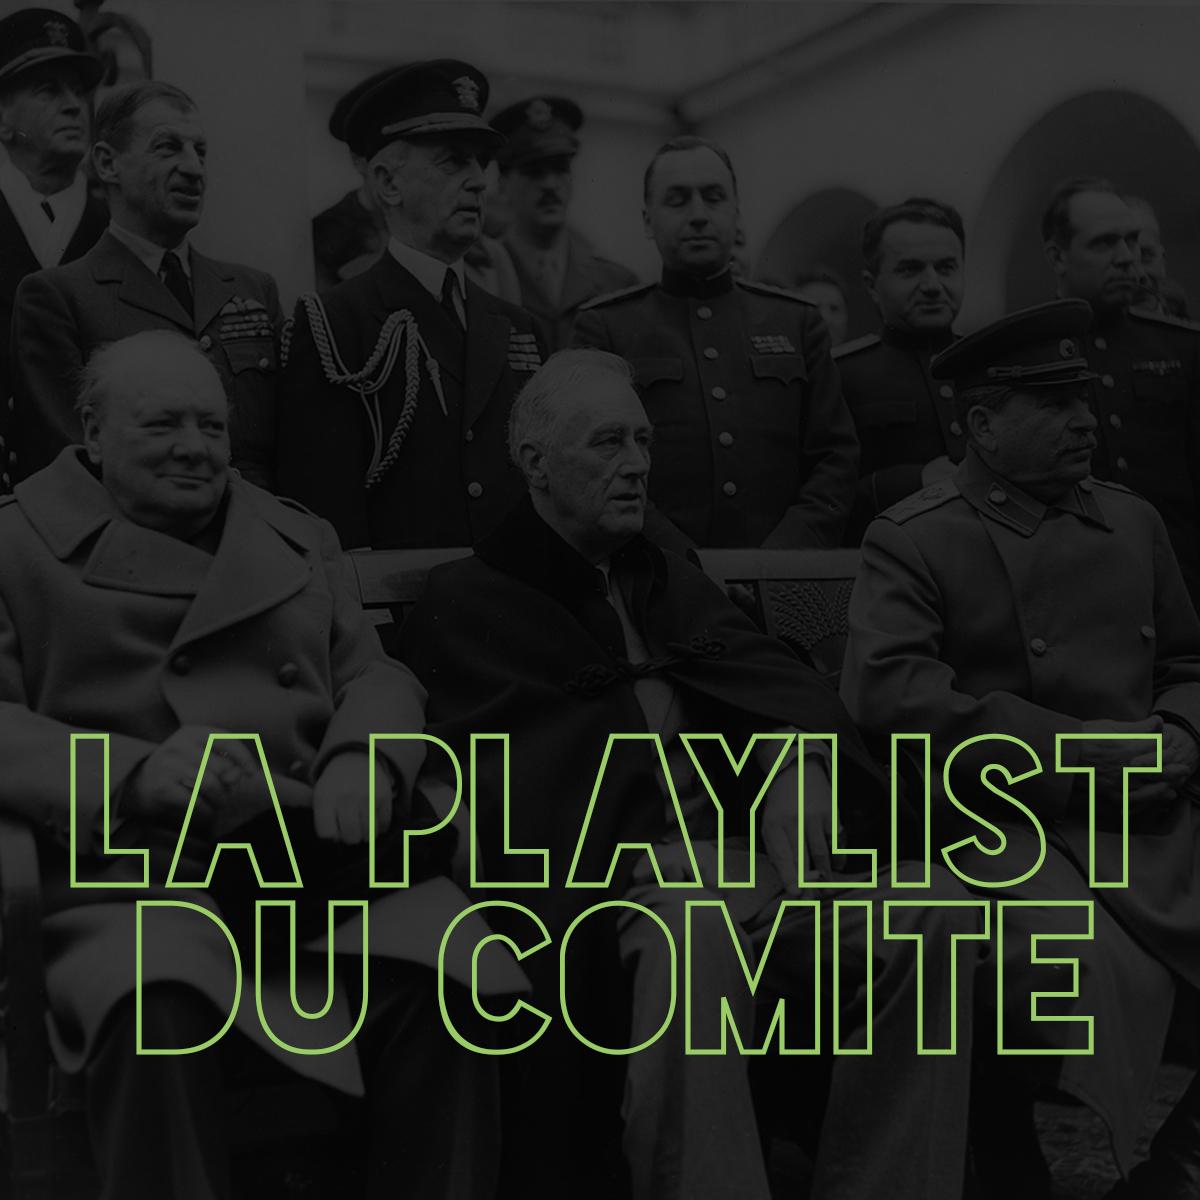 La Playlist du Comité